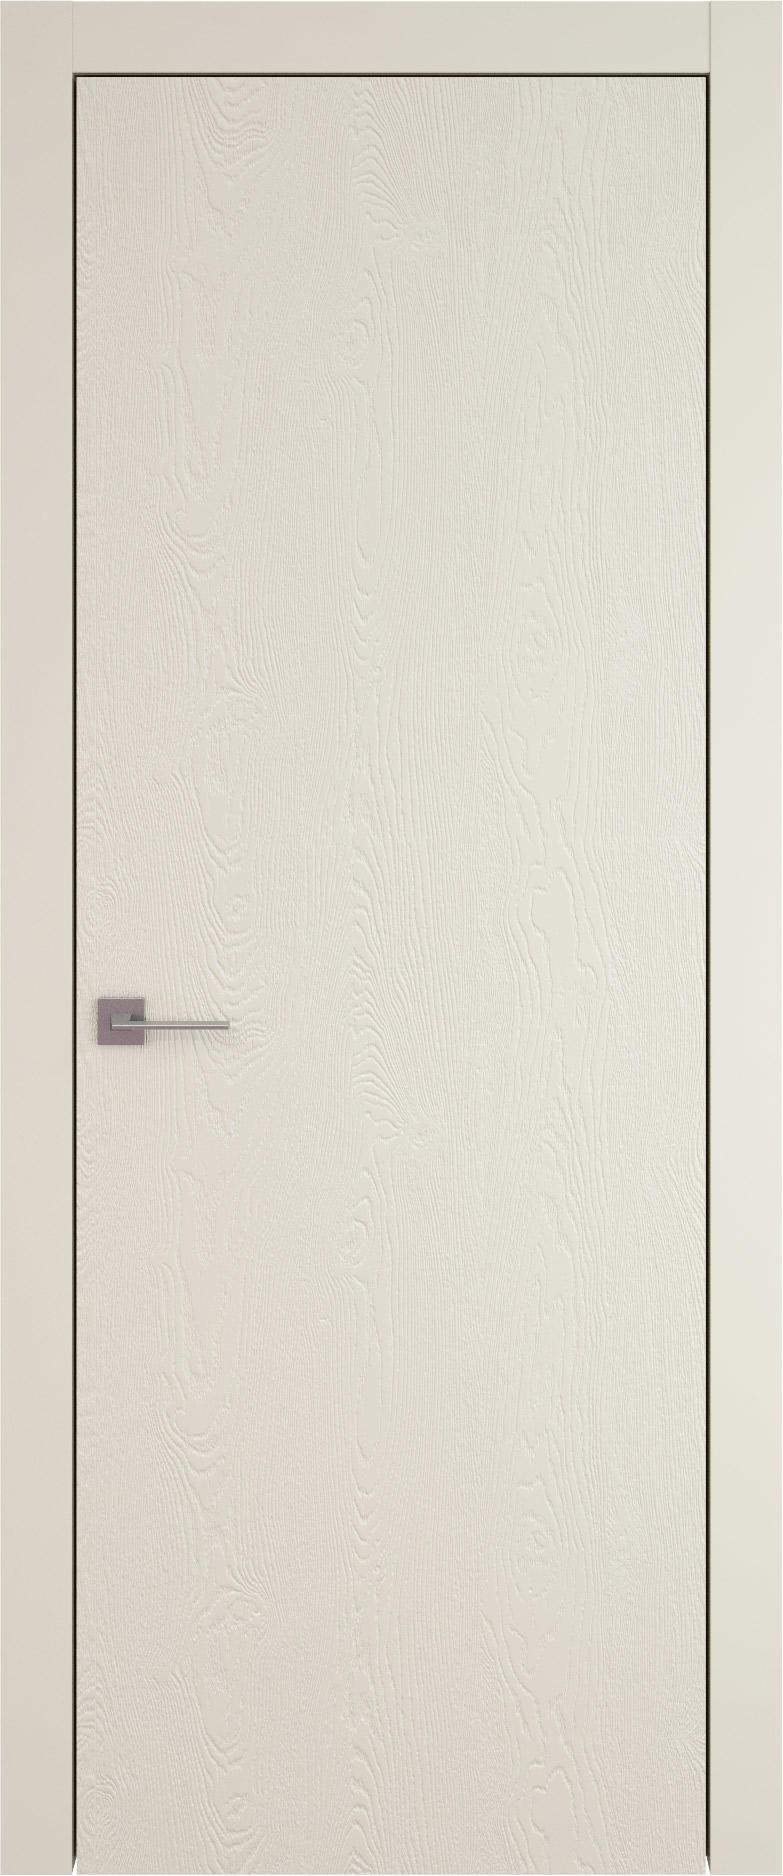 Tivoli А-1 цвет - Жемчужная эмаль по шпону (RAL 1013) Без стекла (ДГ)